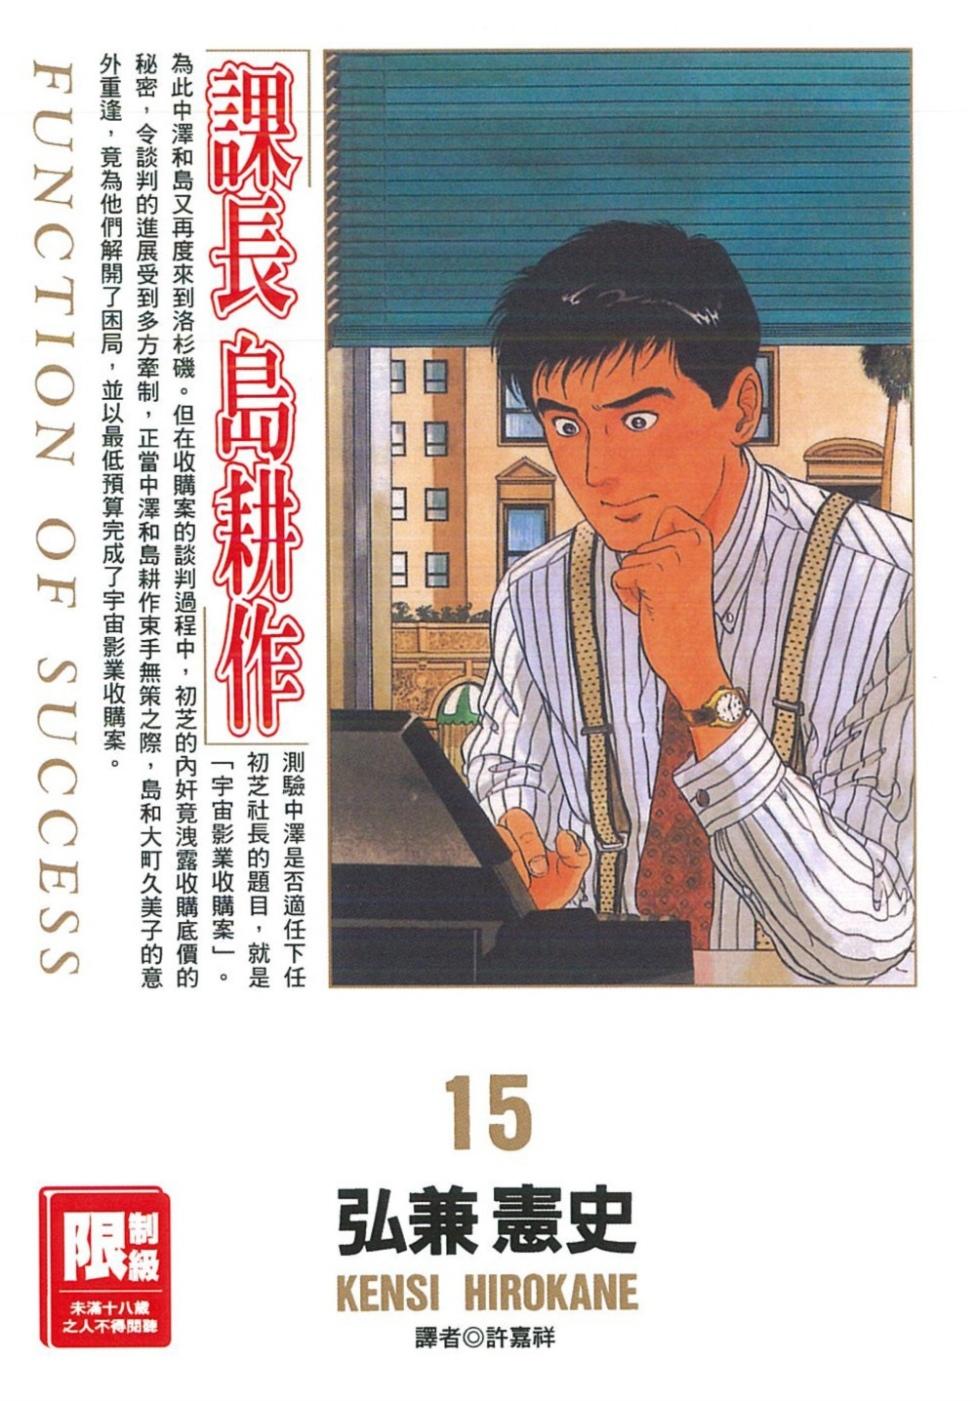 課長島耕作(15)(限)(限台...